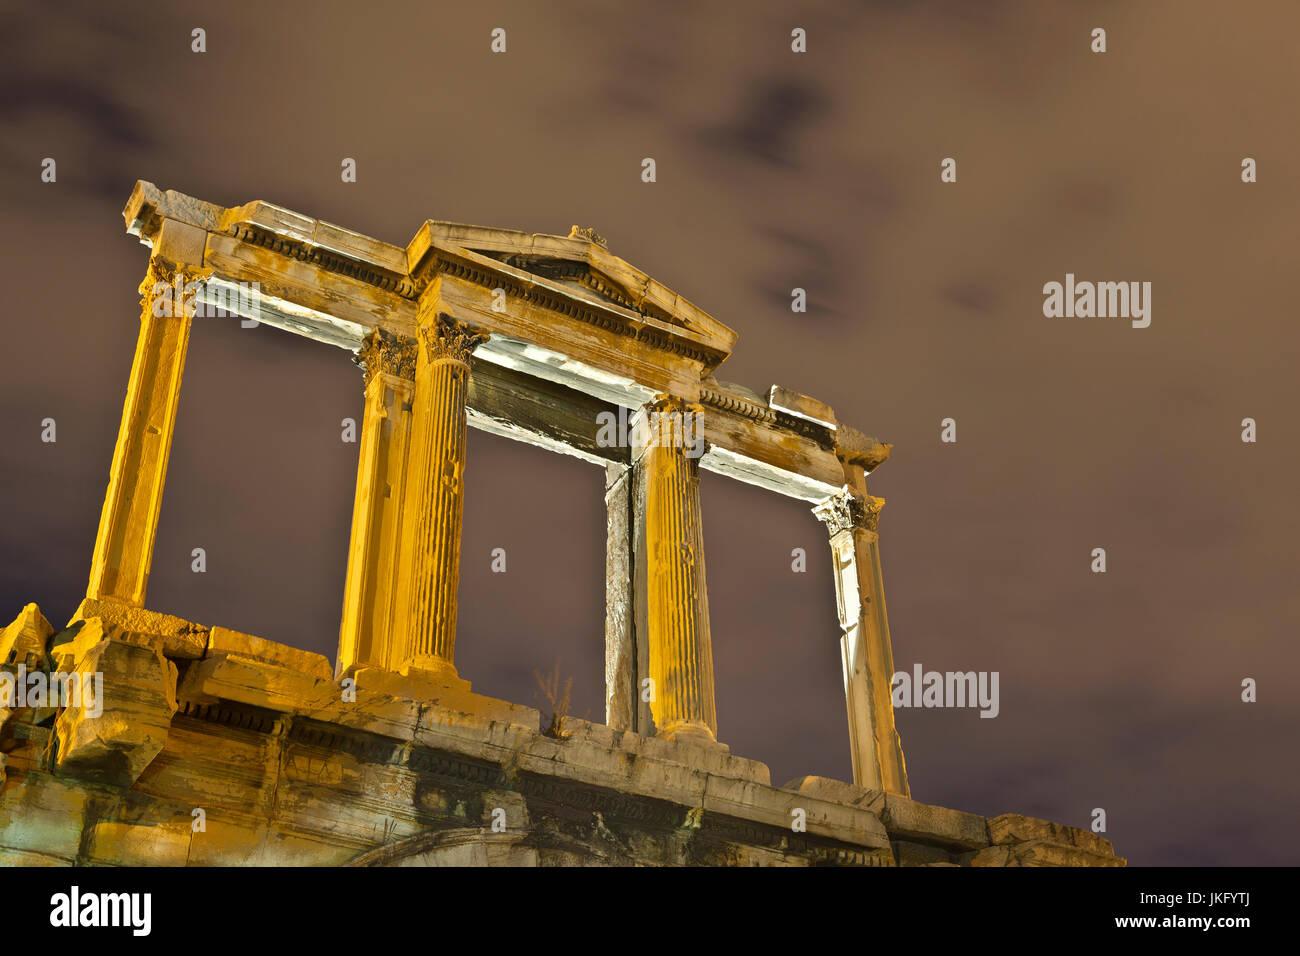 Der obere Teil des Bogens des Hadrian, im historischen Zentrum von Athen. Stockbild